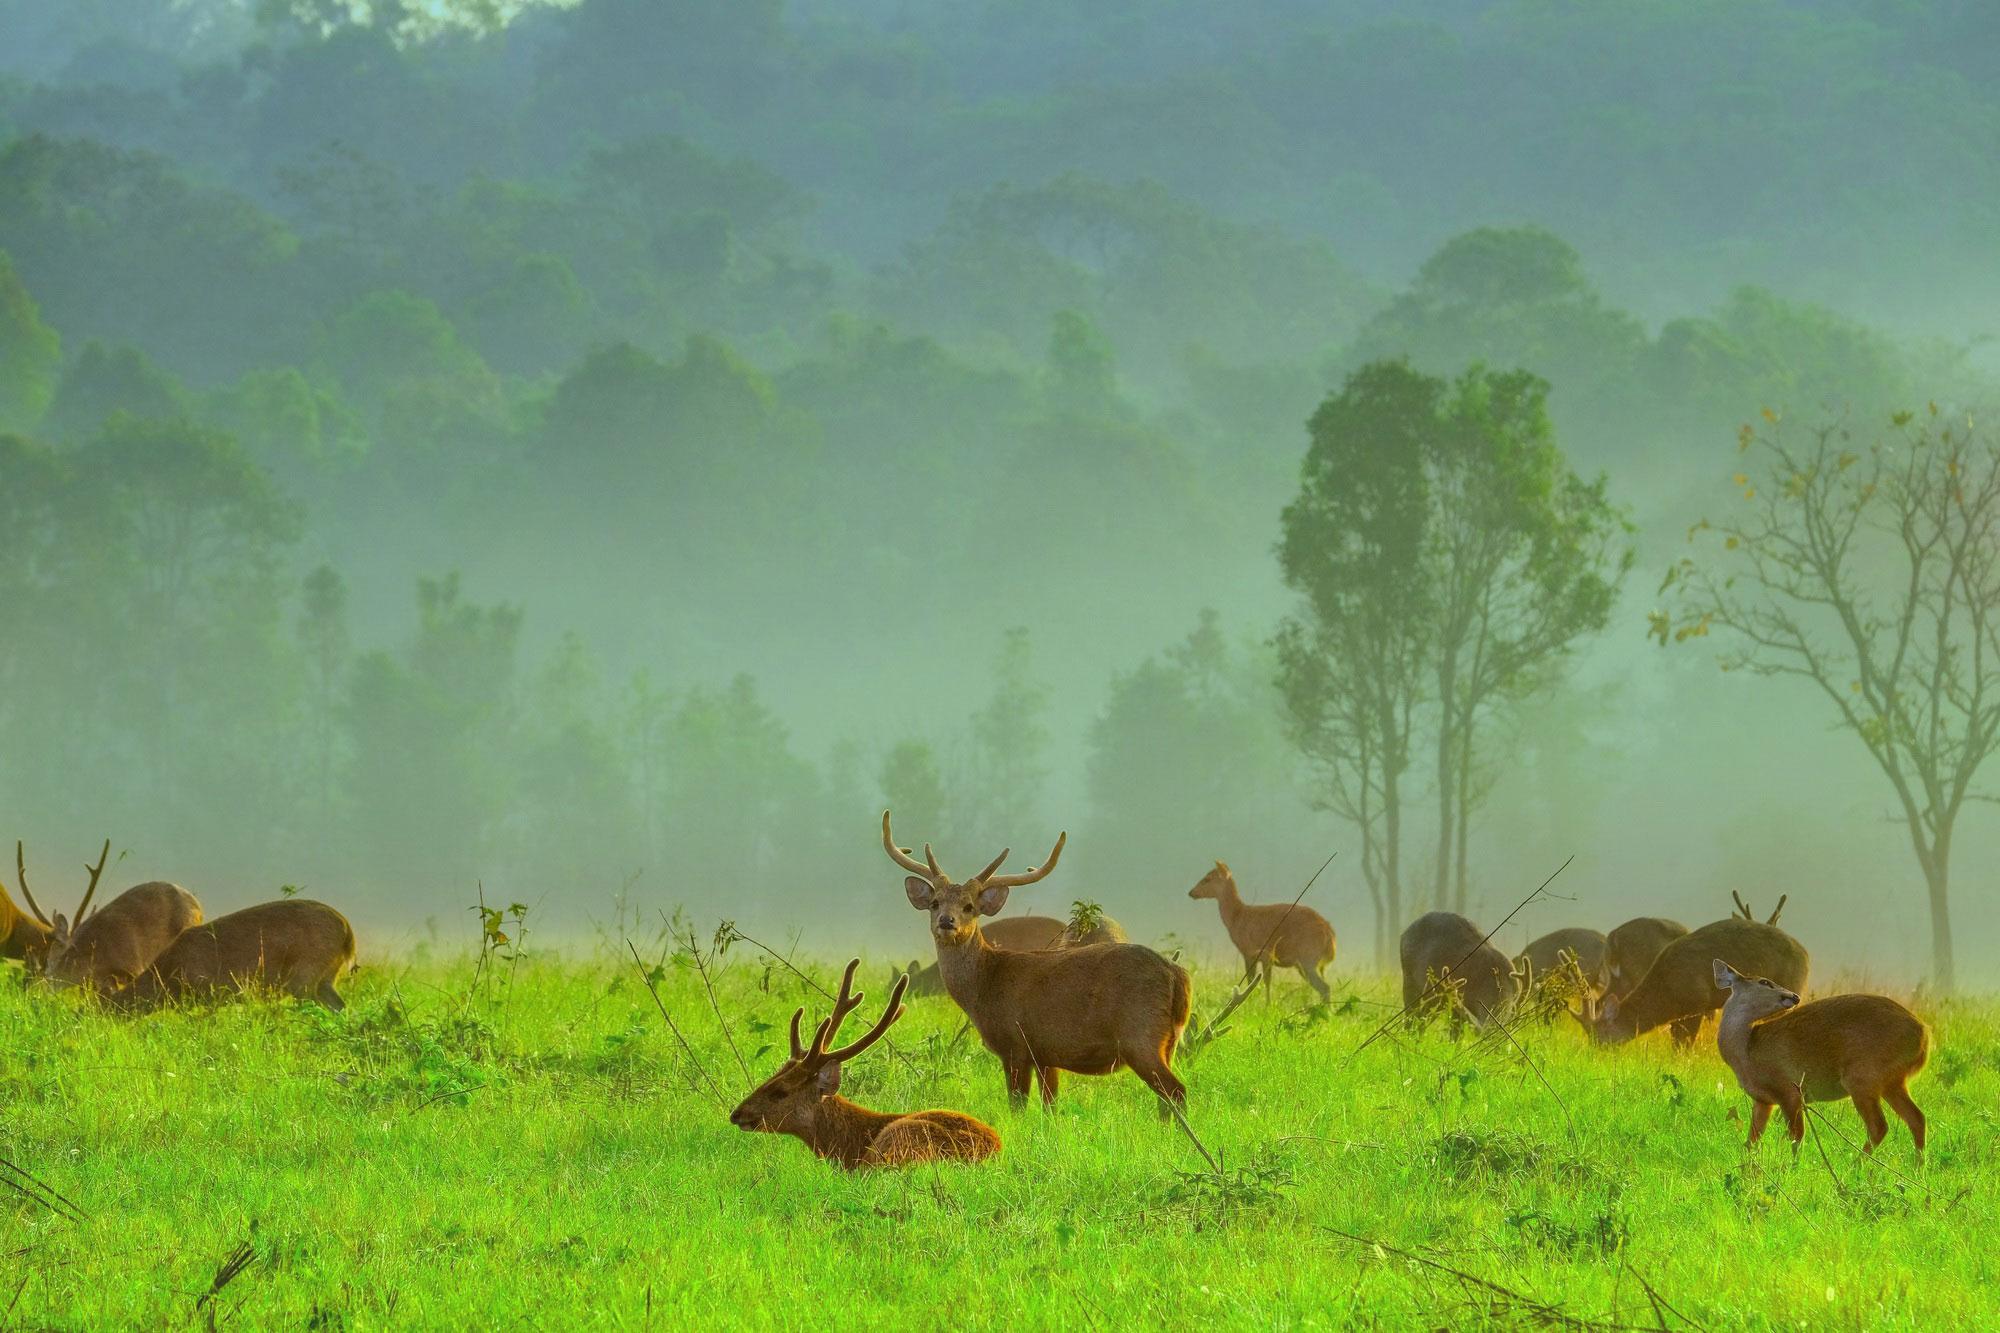 เขตรักษาพันธุ์สัตว์ป่าภูเขียว-ทุ่งกะมัง จ.ชัยภูมิ